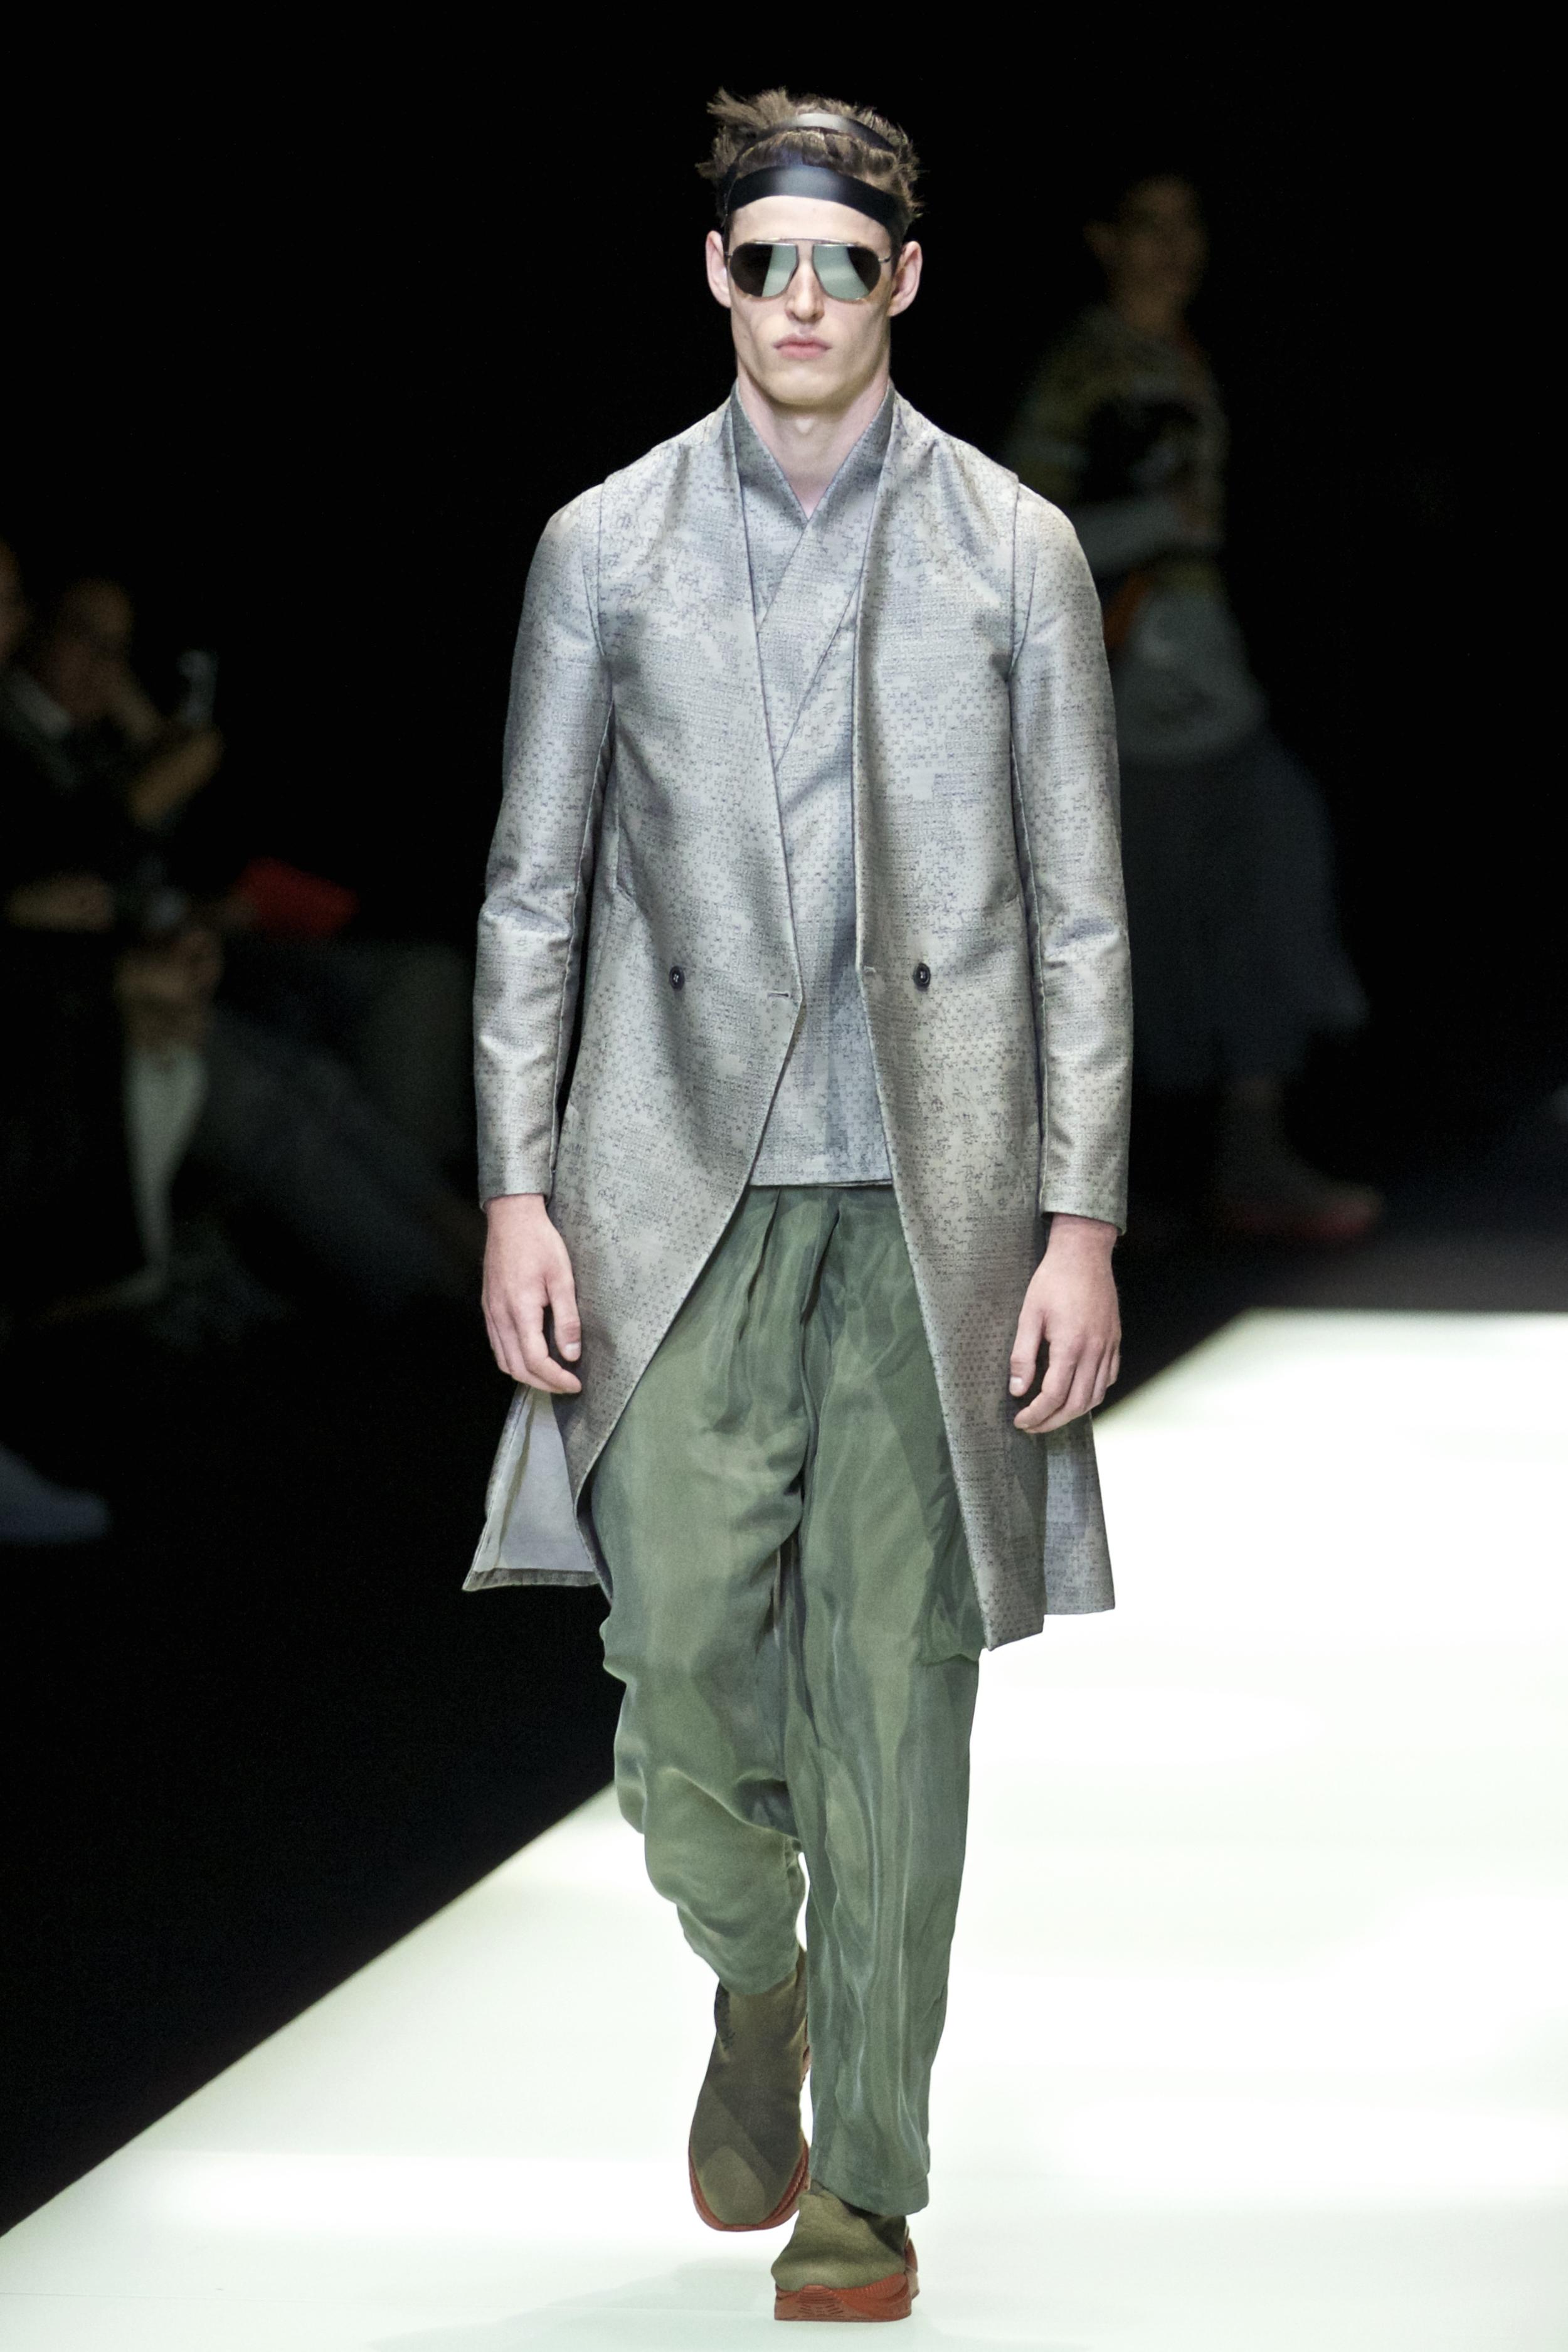 Milan Fashion Week Spring Summer 2018: Emporio Armani zeigt einen Mantel in Metallic-Silber in Kombination mit einer grünen Stoffhose